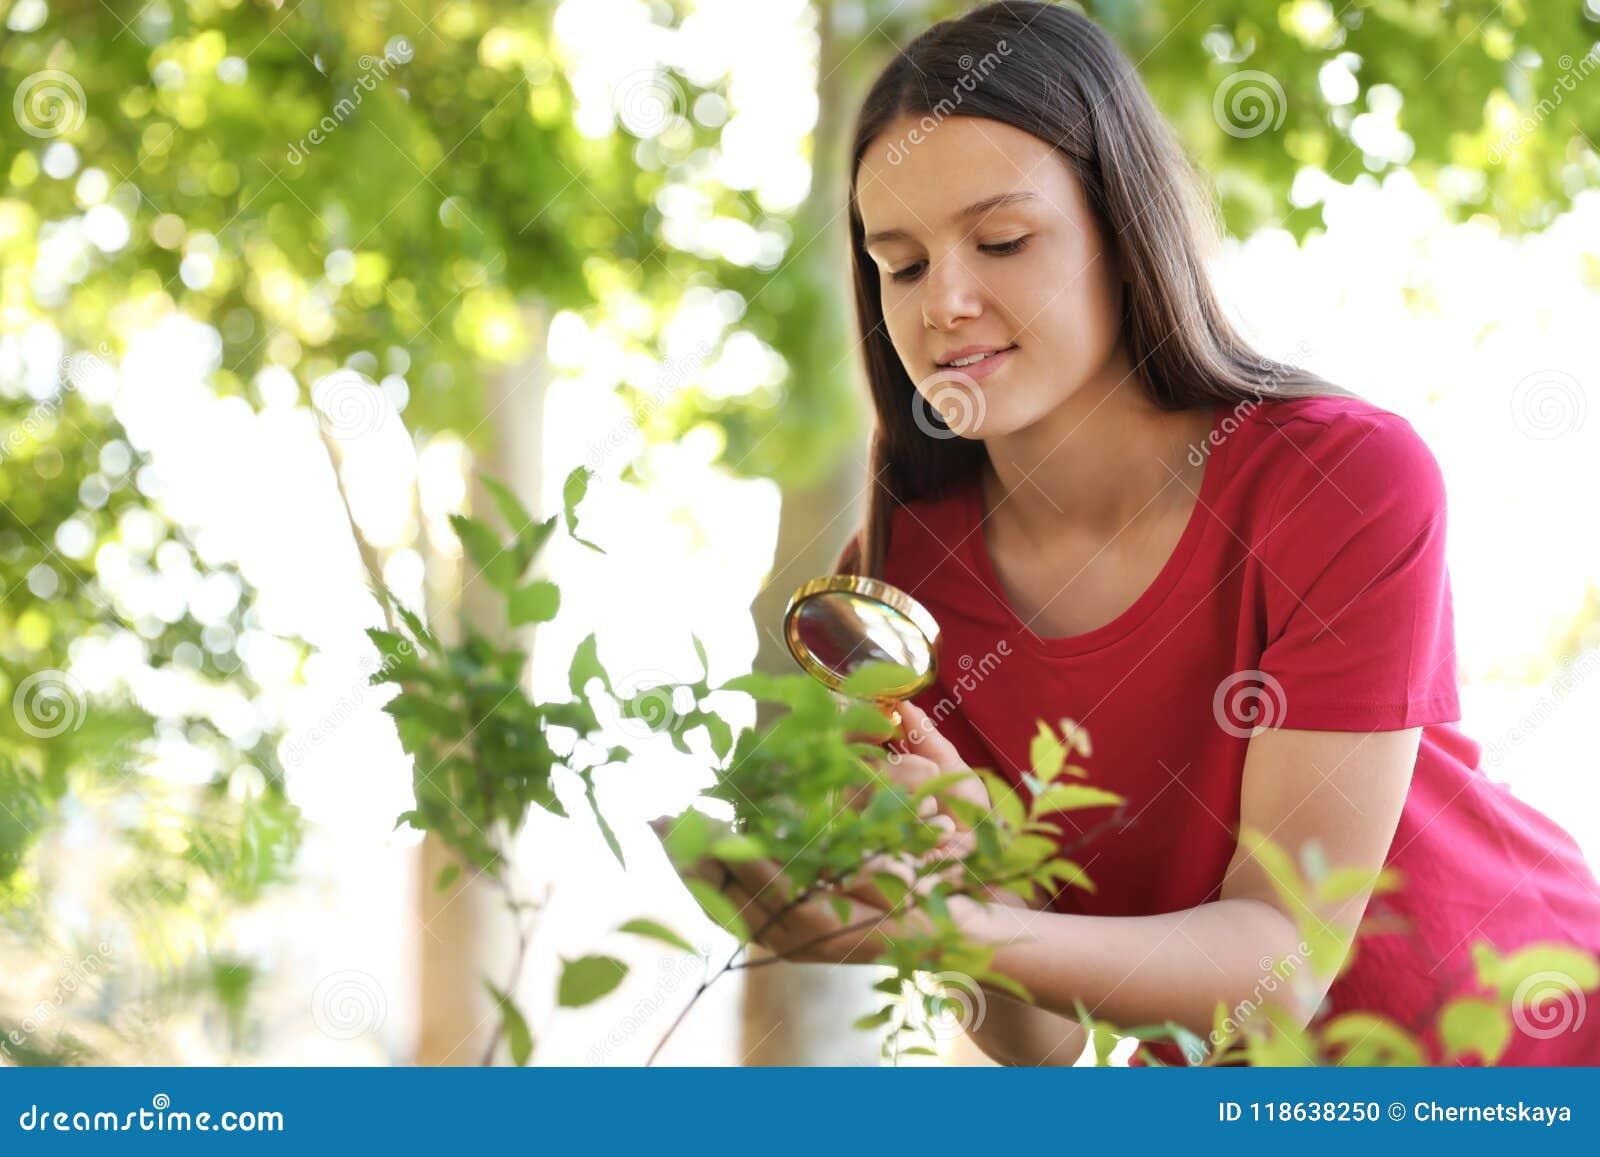 十几岁的女孩探索的灌木户外